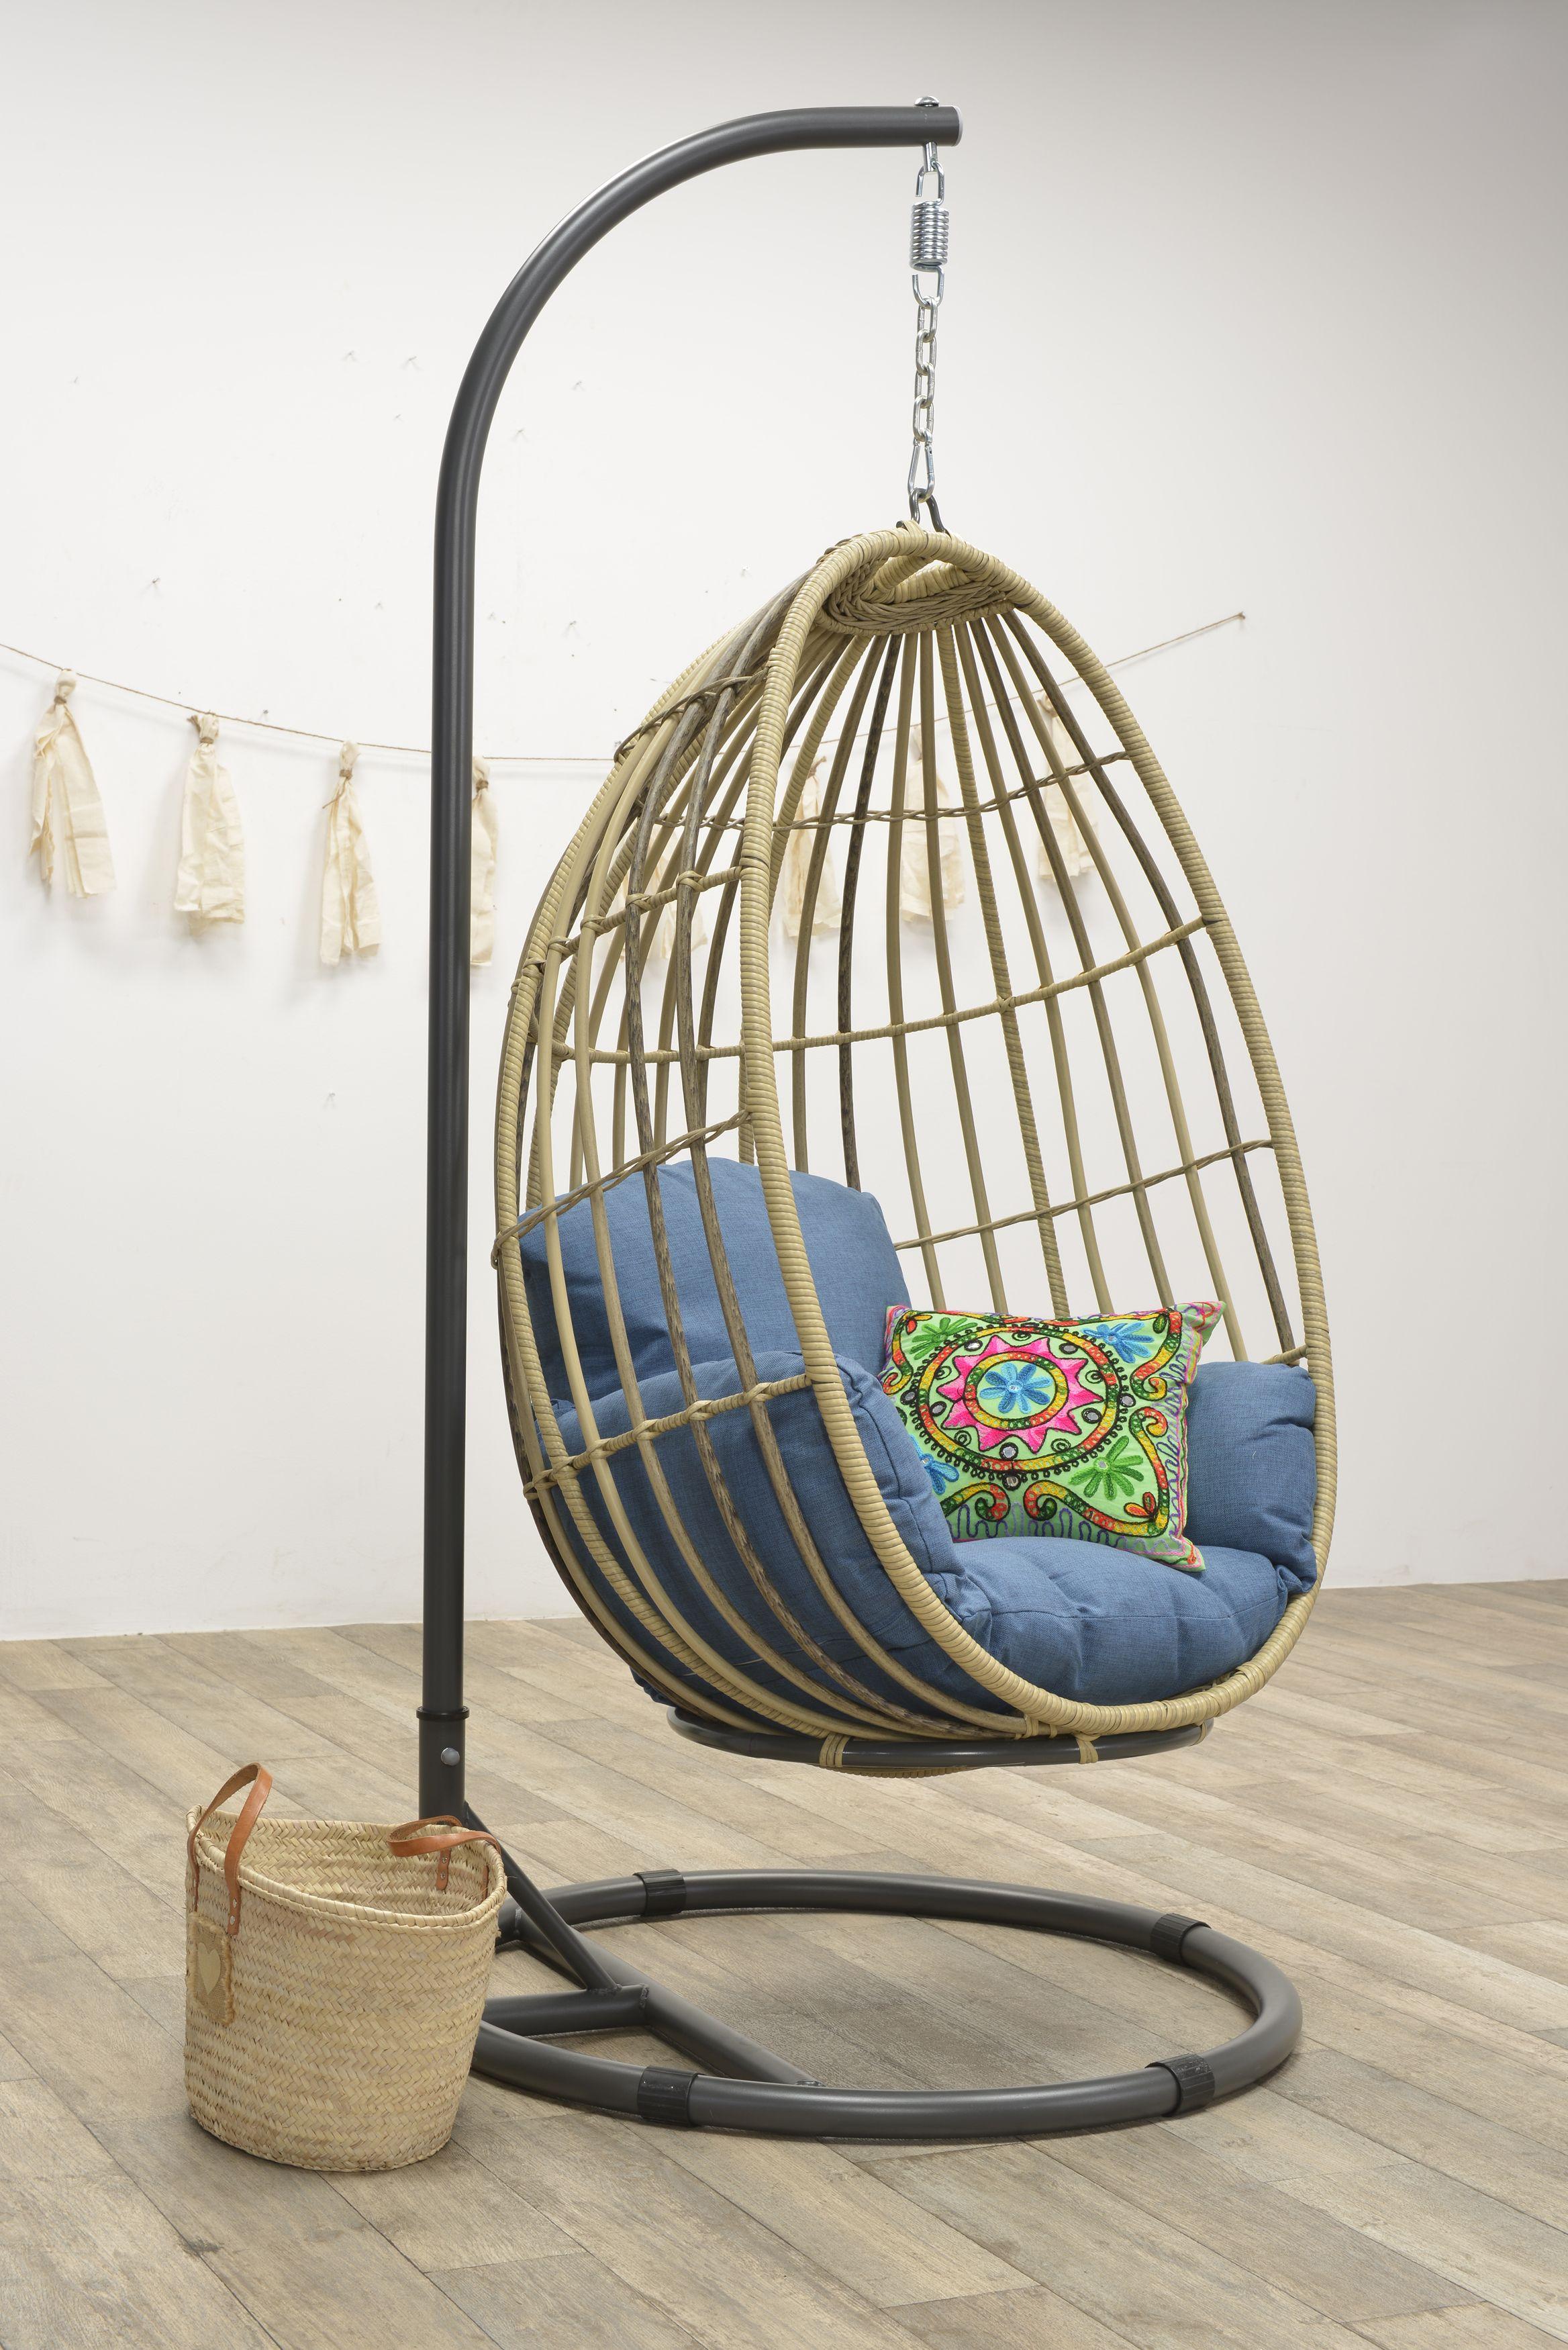 Rotan Hangstoel Buiten.Rotan Tuintrend De Mooiste Tuinstoelen In De Kunststof Wicker